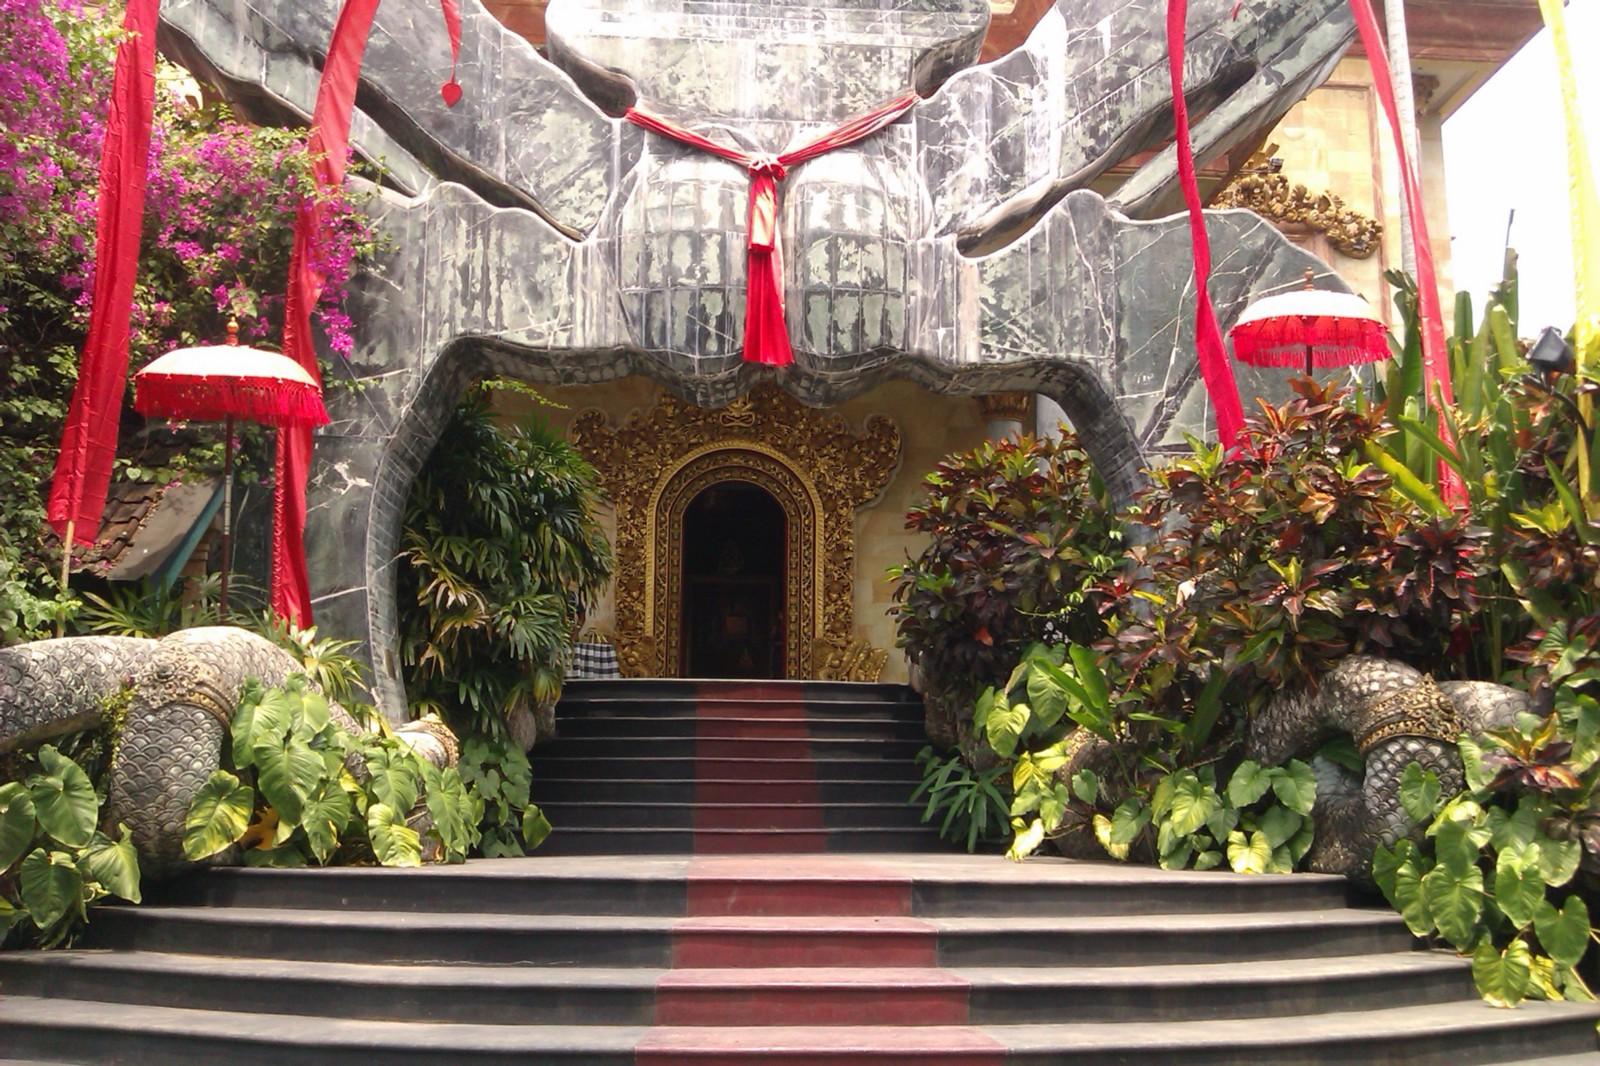 Referensi Tempat Wisata di Indonesia | Tempat Wisata di Ubud Bali: Museum Blanco Renaissance